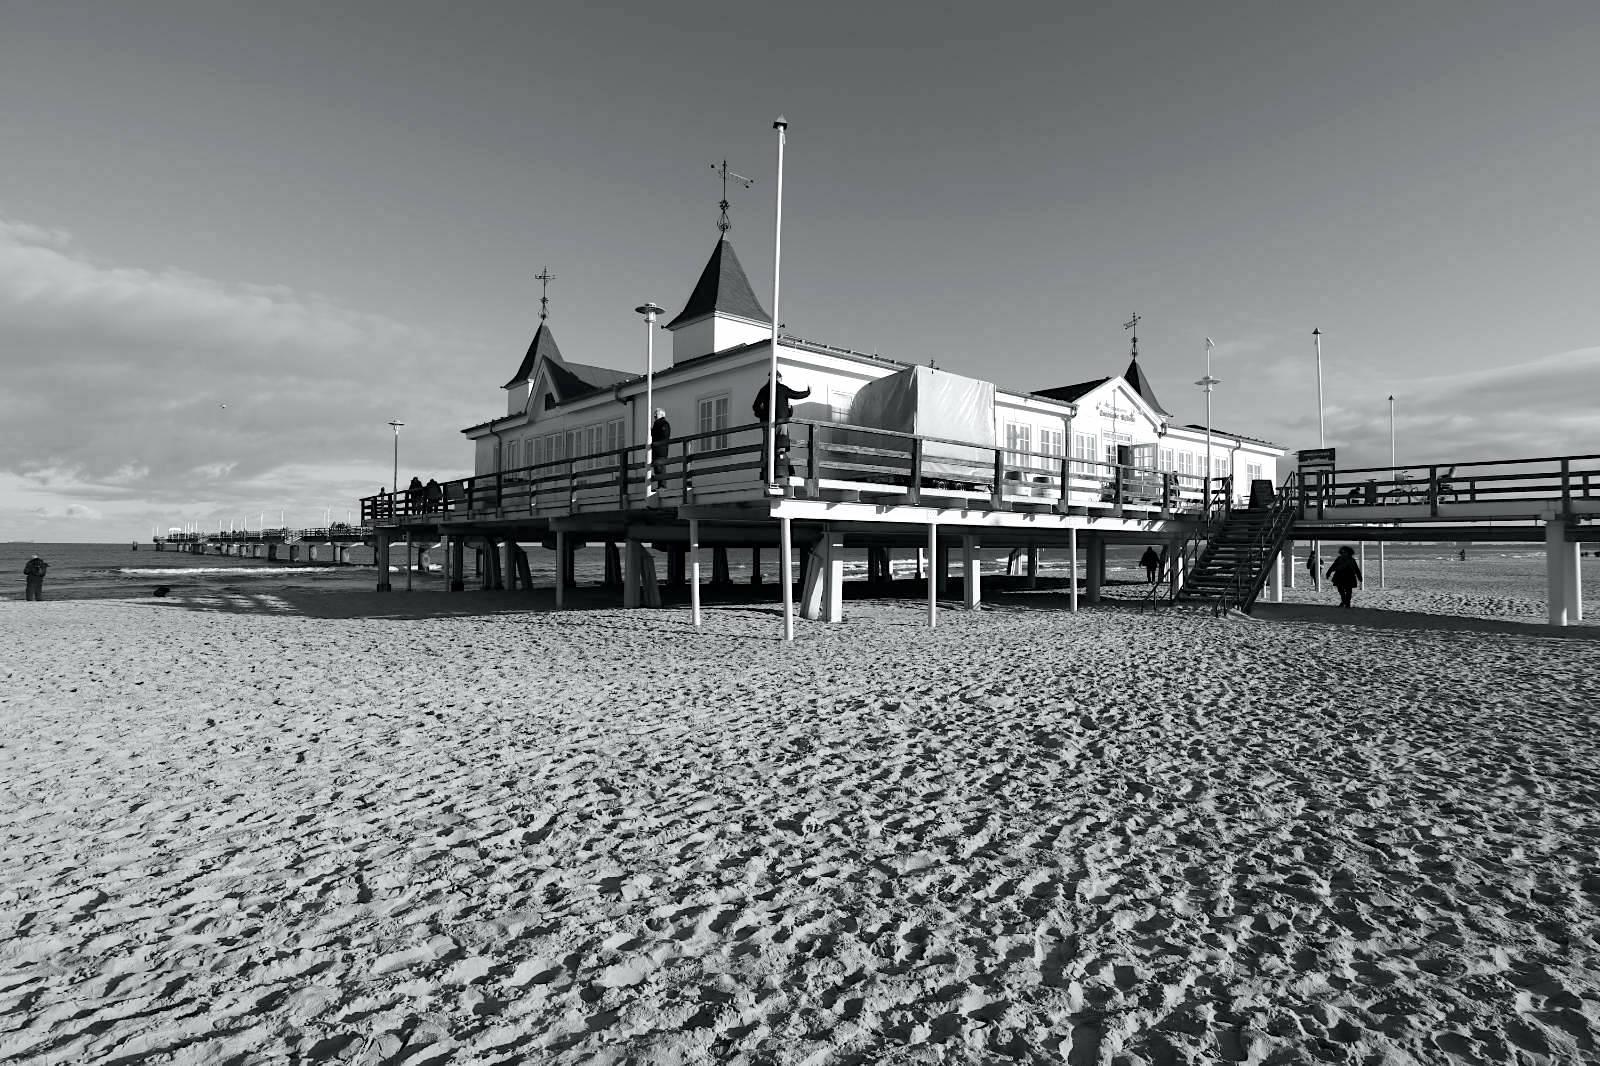 """Ahlbeck. Hier ist der Strand am breitesten. Das Seebad Ahlbeck zog von Beginn an neben den Wohlhabenden auch weniger betuchte Gäste an. 1907 hatte """"die Badewanne von Berlin"""" bereits mehr als 16.000 Besucher."""